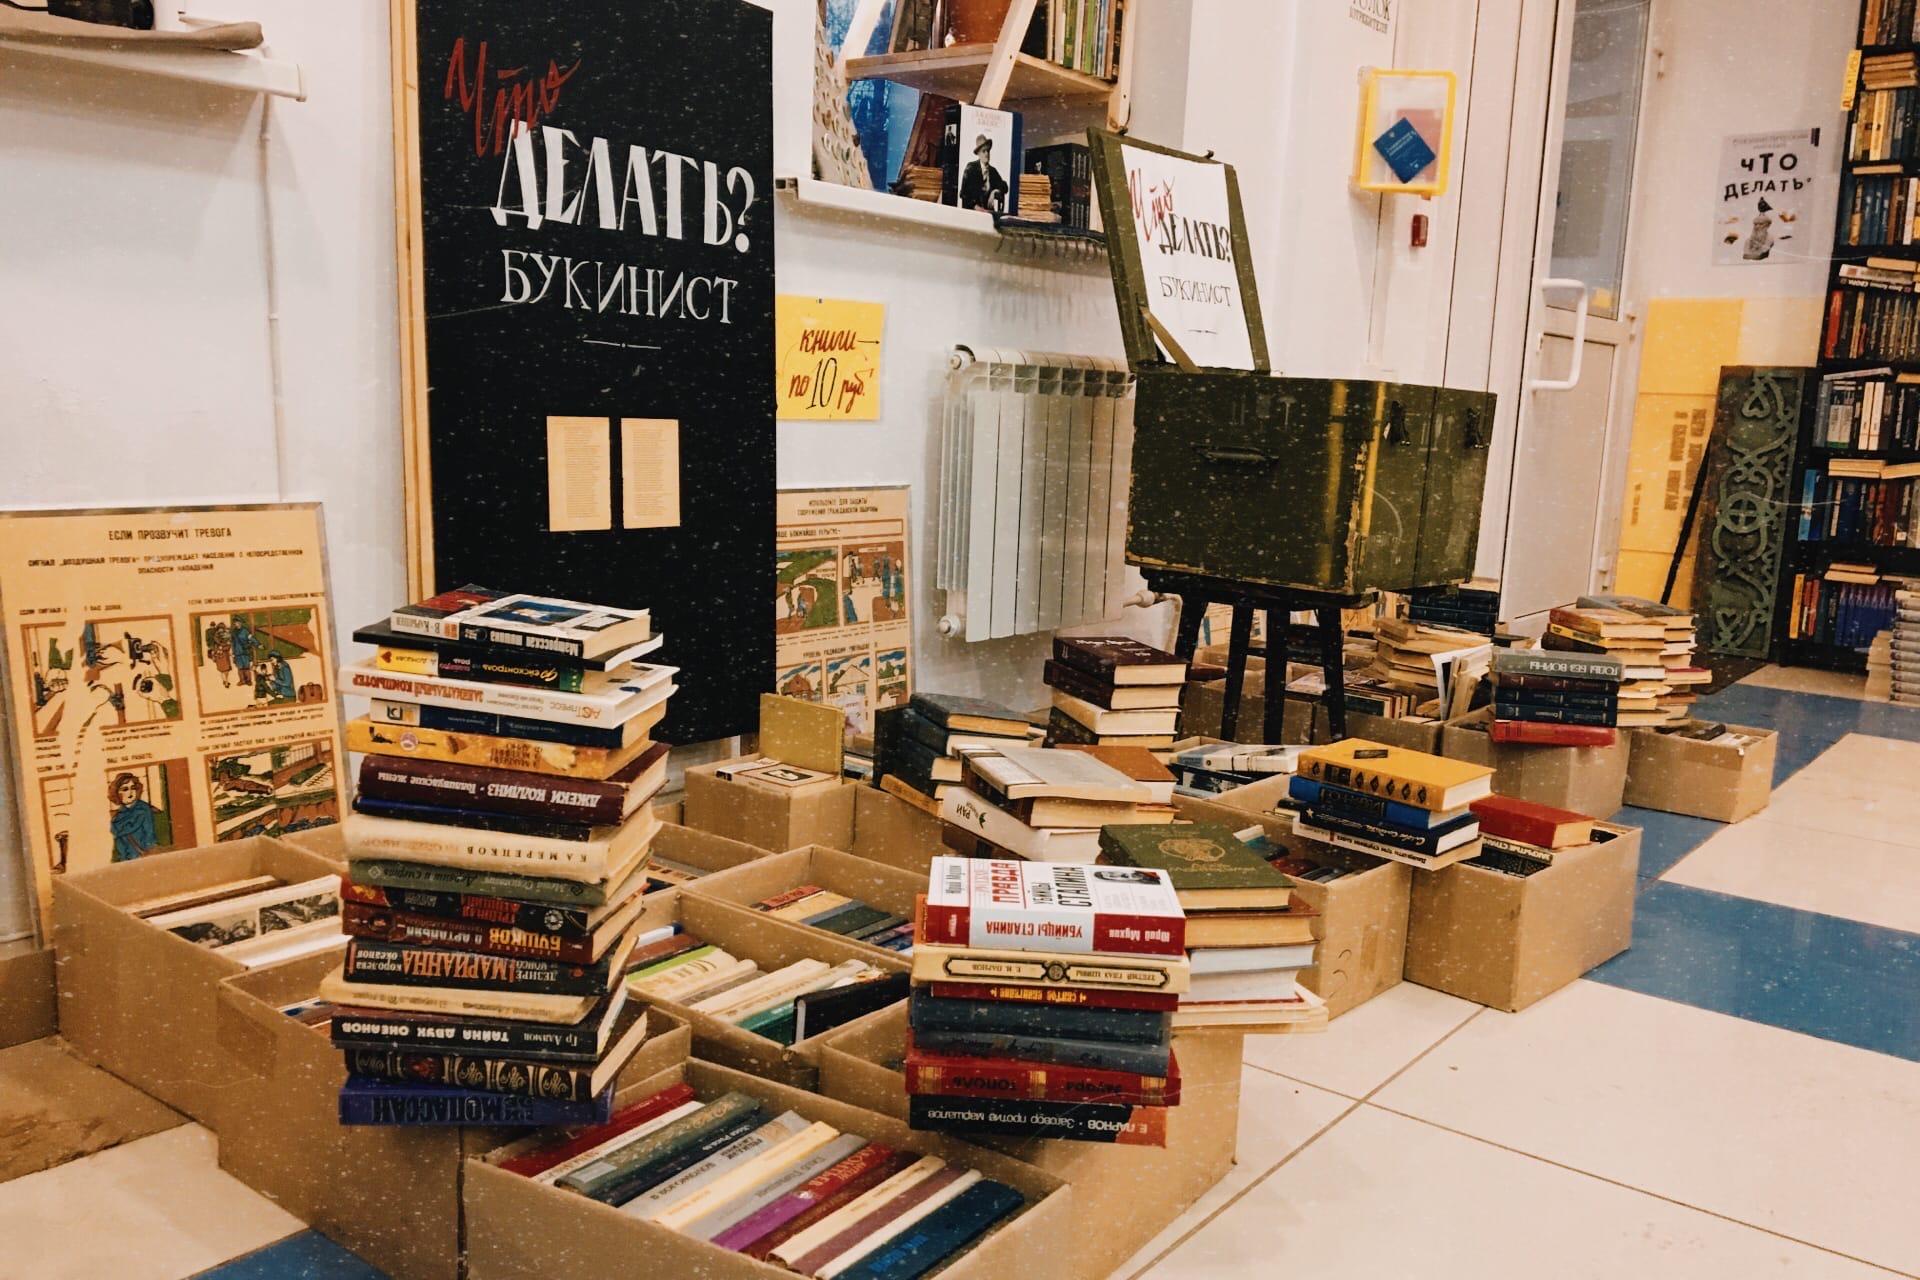 """Книги с """"тяжелой судьбой"""" будут продавать за рубль в Твери"""